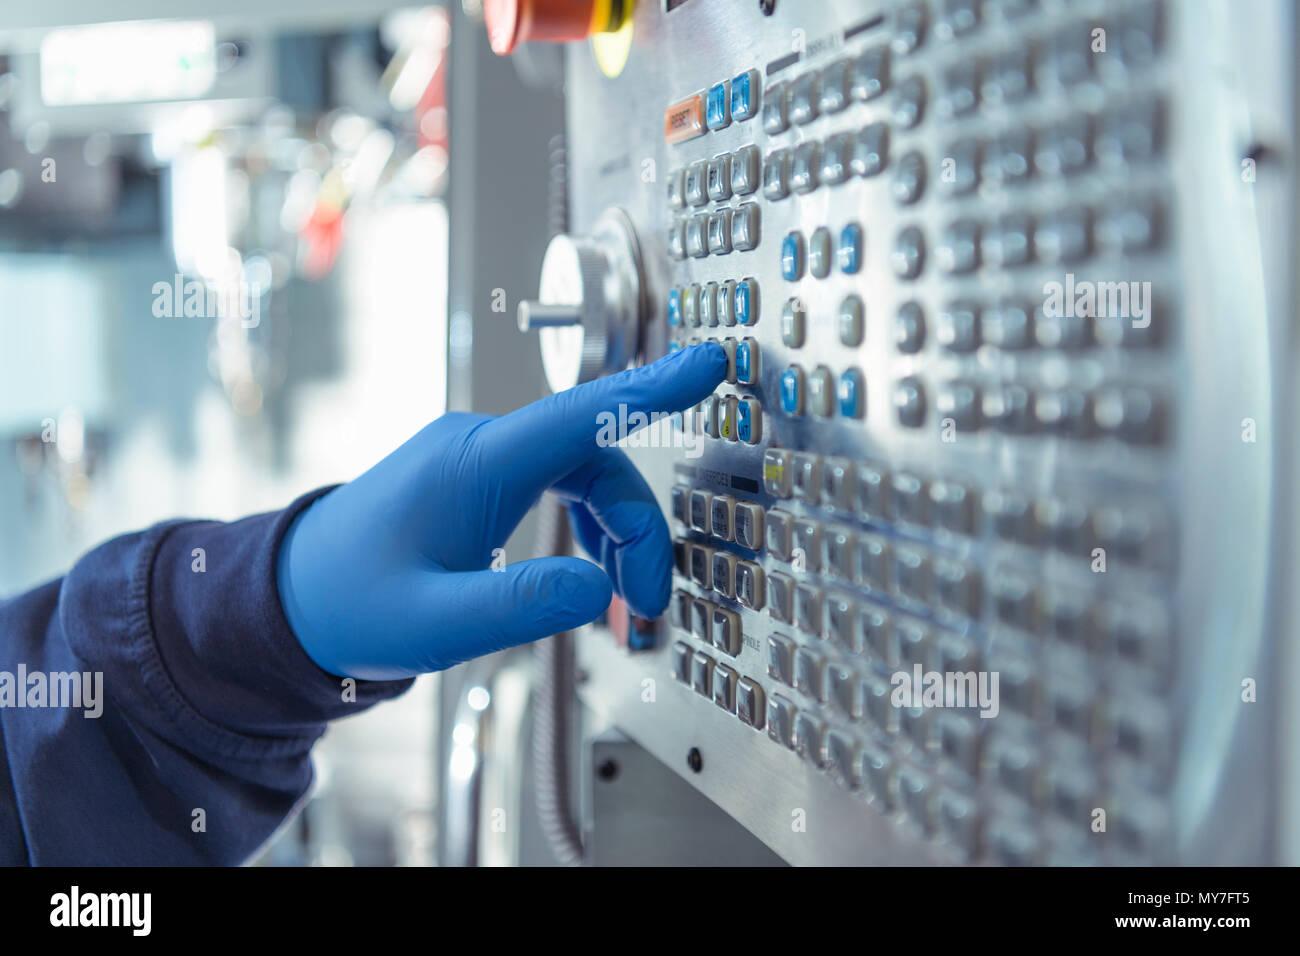 Nahaufnahme von Ingenieur durch Drücken der Taste auf dem Bedienfeld in der Maschinenfabrik Stockbild